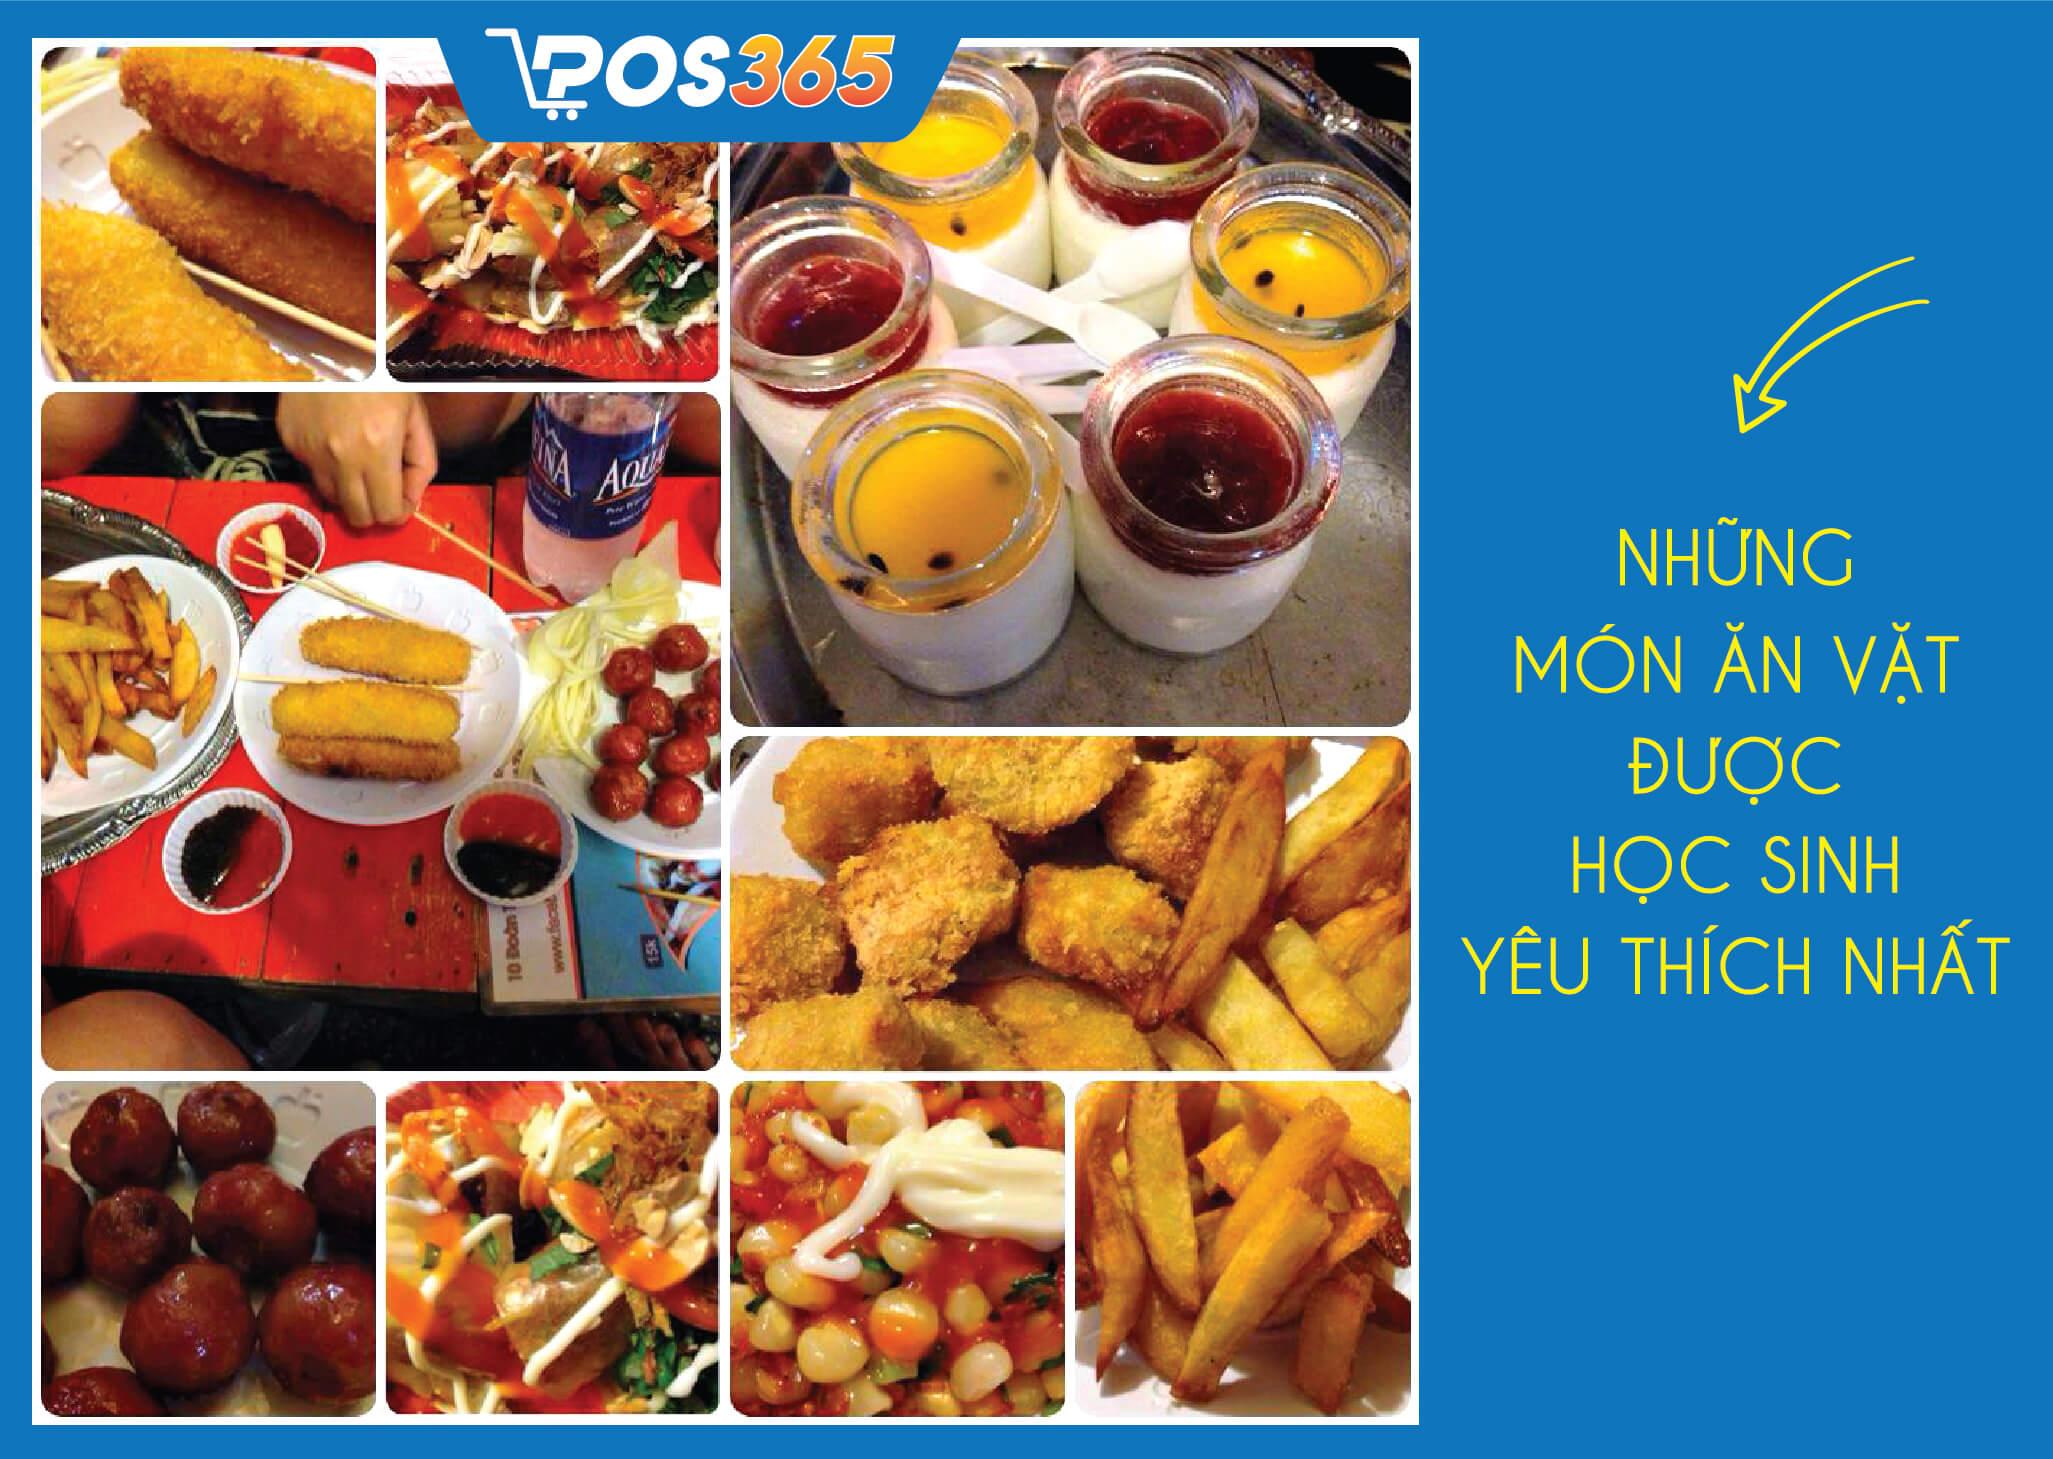 những món ăn vặt bán cho học sinh